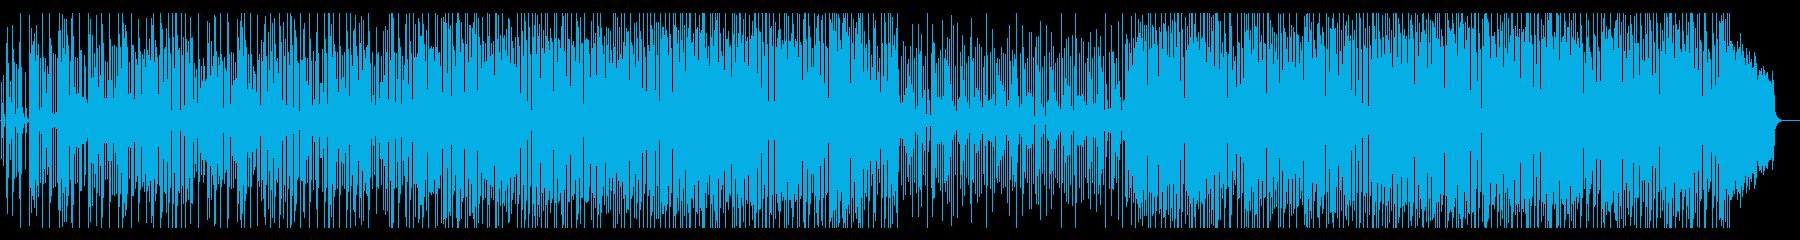 オシャレなカフェで流れているようなBGMの再生済みの波形